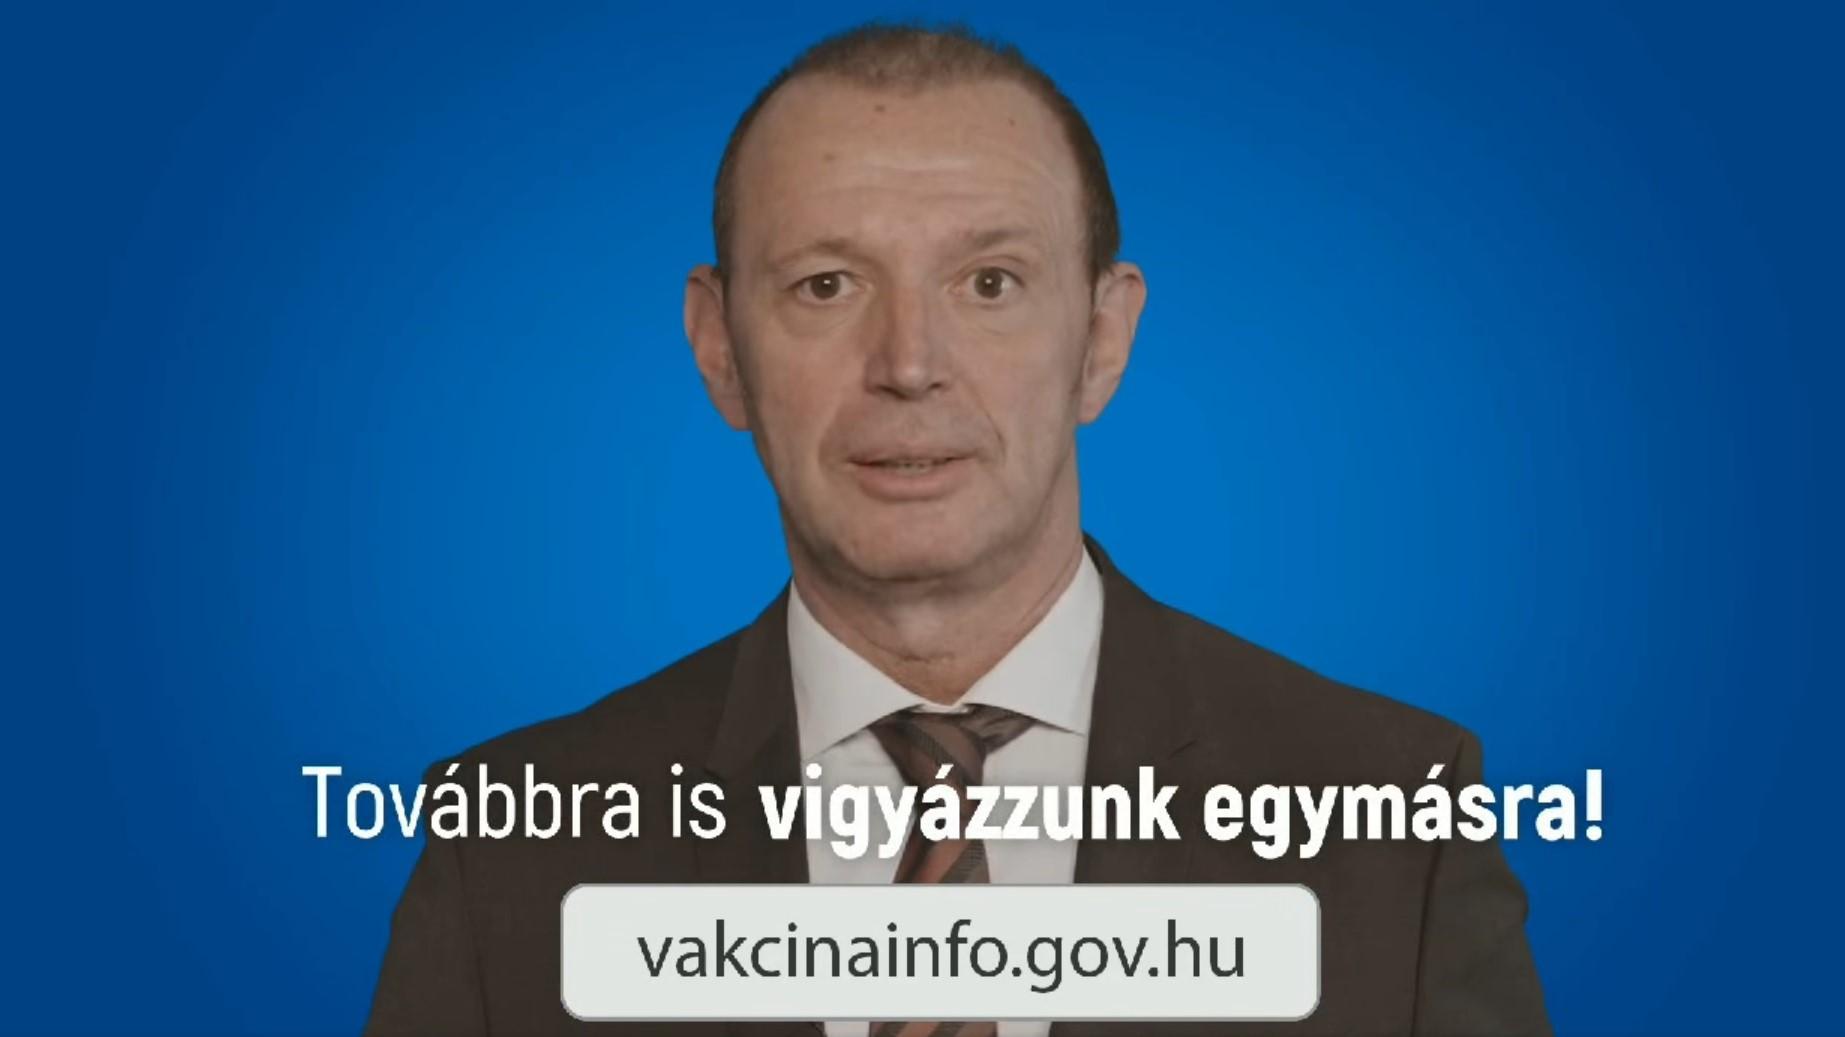 Győrfi Pál heroikus zenei aláfestéssel informál a vakcináról